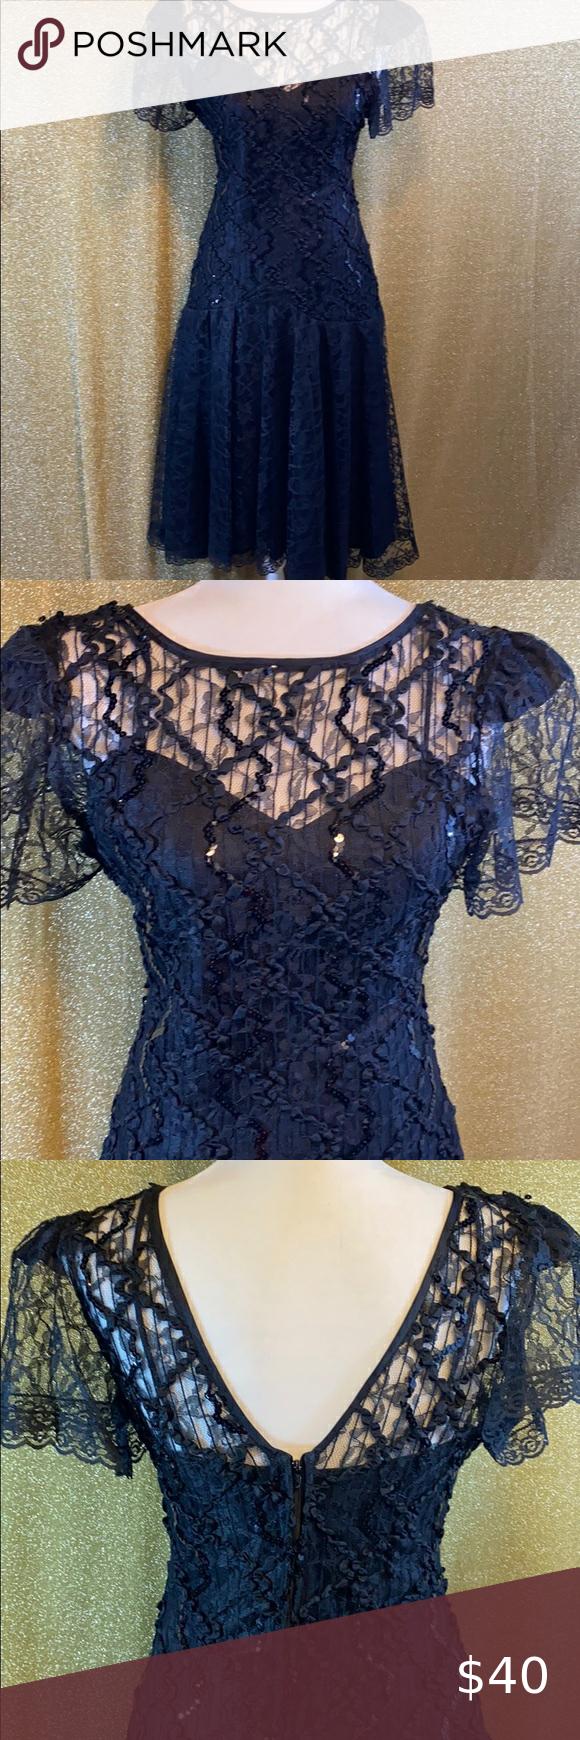 80s Vintage Black Lace Dress Vintage Black Lace Dress Lace Dress Vintage Black Lace Dress [ 1740 x 580 Pixel ]